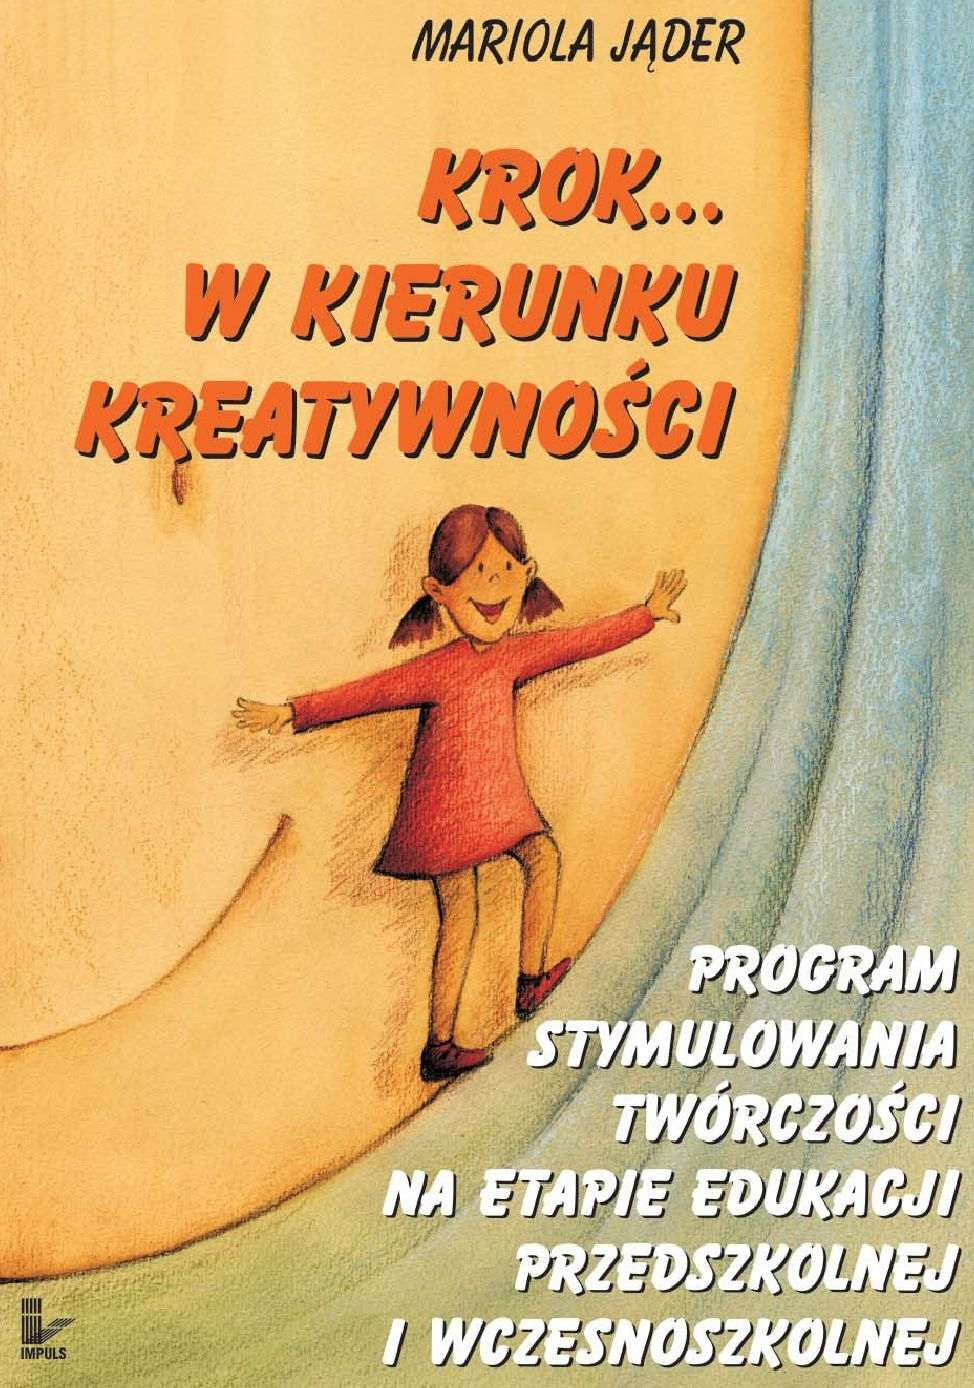 Krok w kierunku kreatywności. Program stymulowania twórczości na etapie edukacji przedszkolnej i wczesnoszkolnej - Ebook (Książka EPUB) do pobrania w formacie EPUB